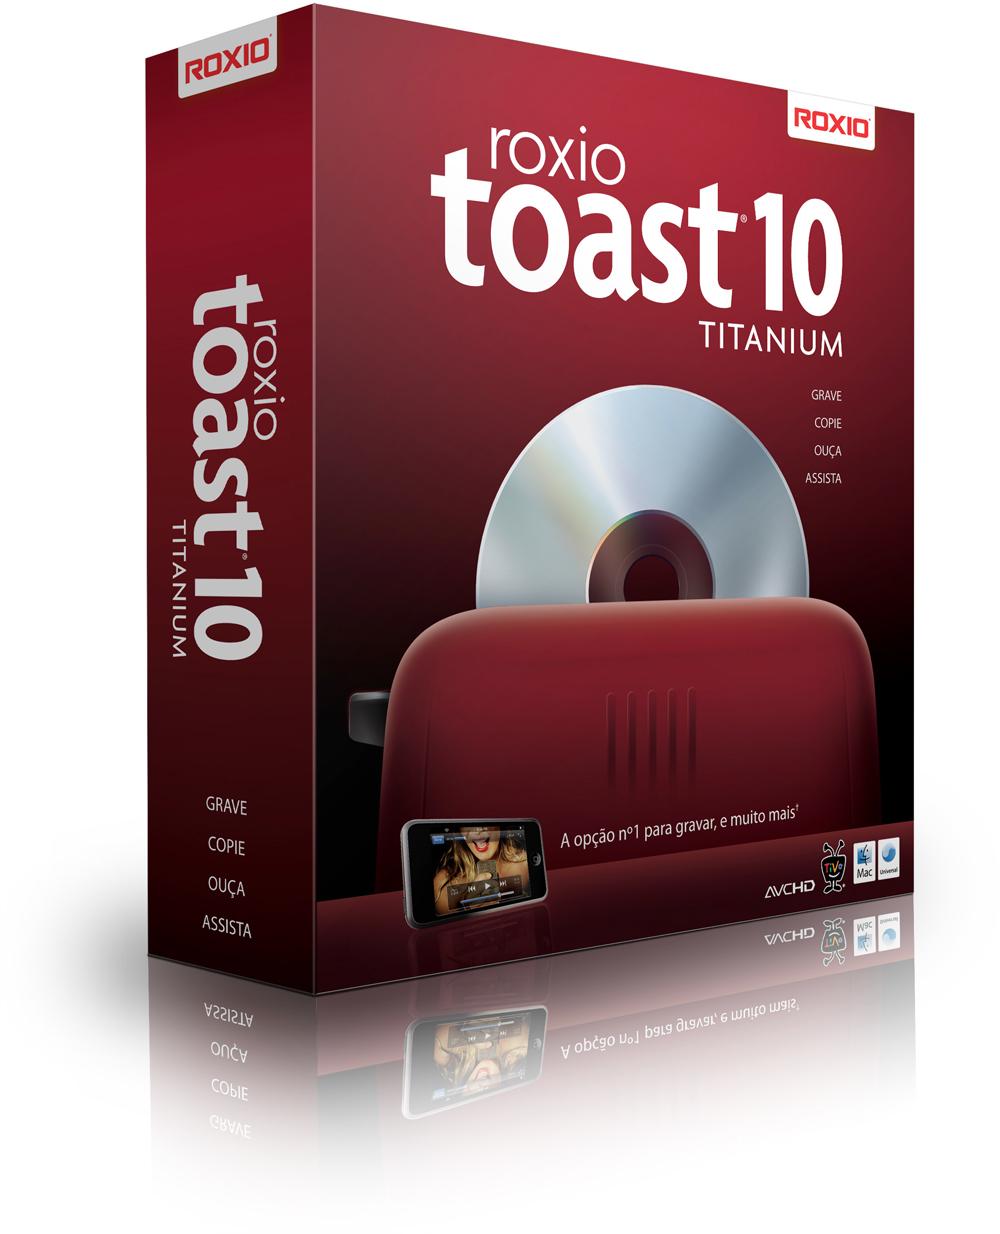 Caixa - Roxio Toast 10 Titanium